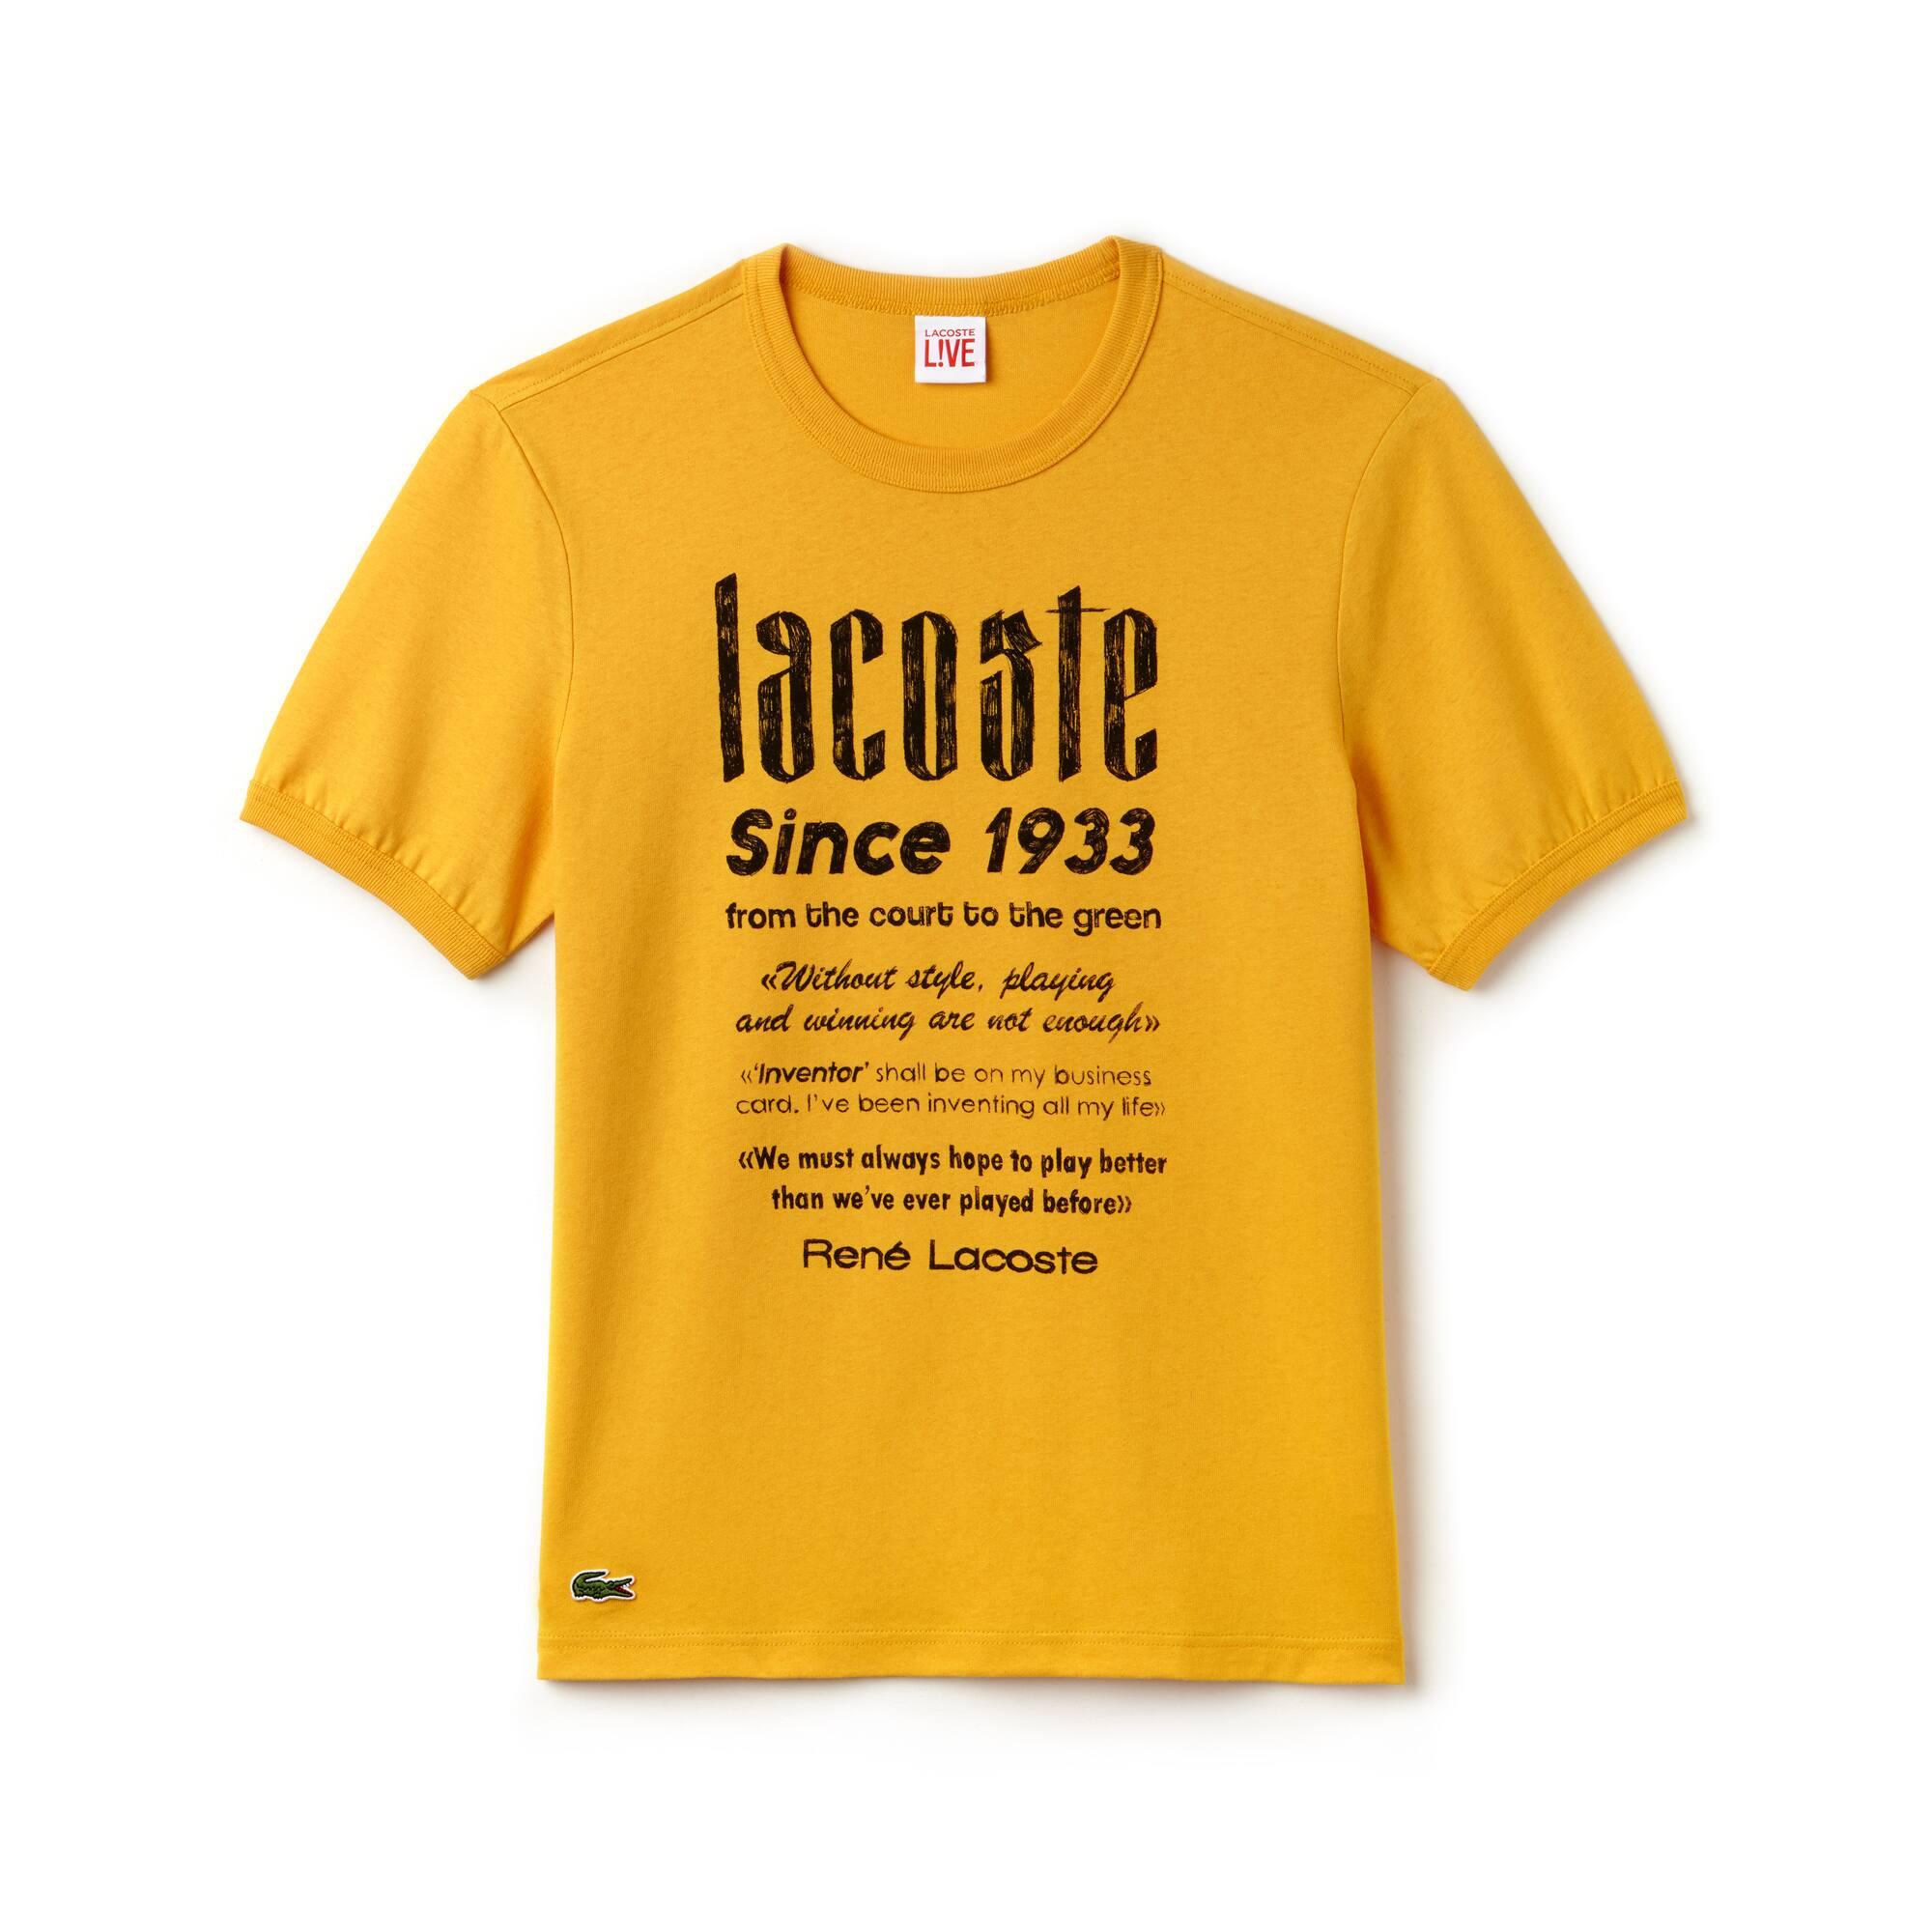 Men's Lacoste LIVE Crew Neck Heritage Print Cotton Jersey T-shirt